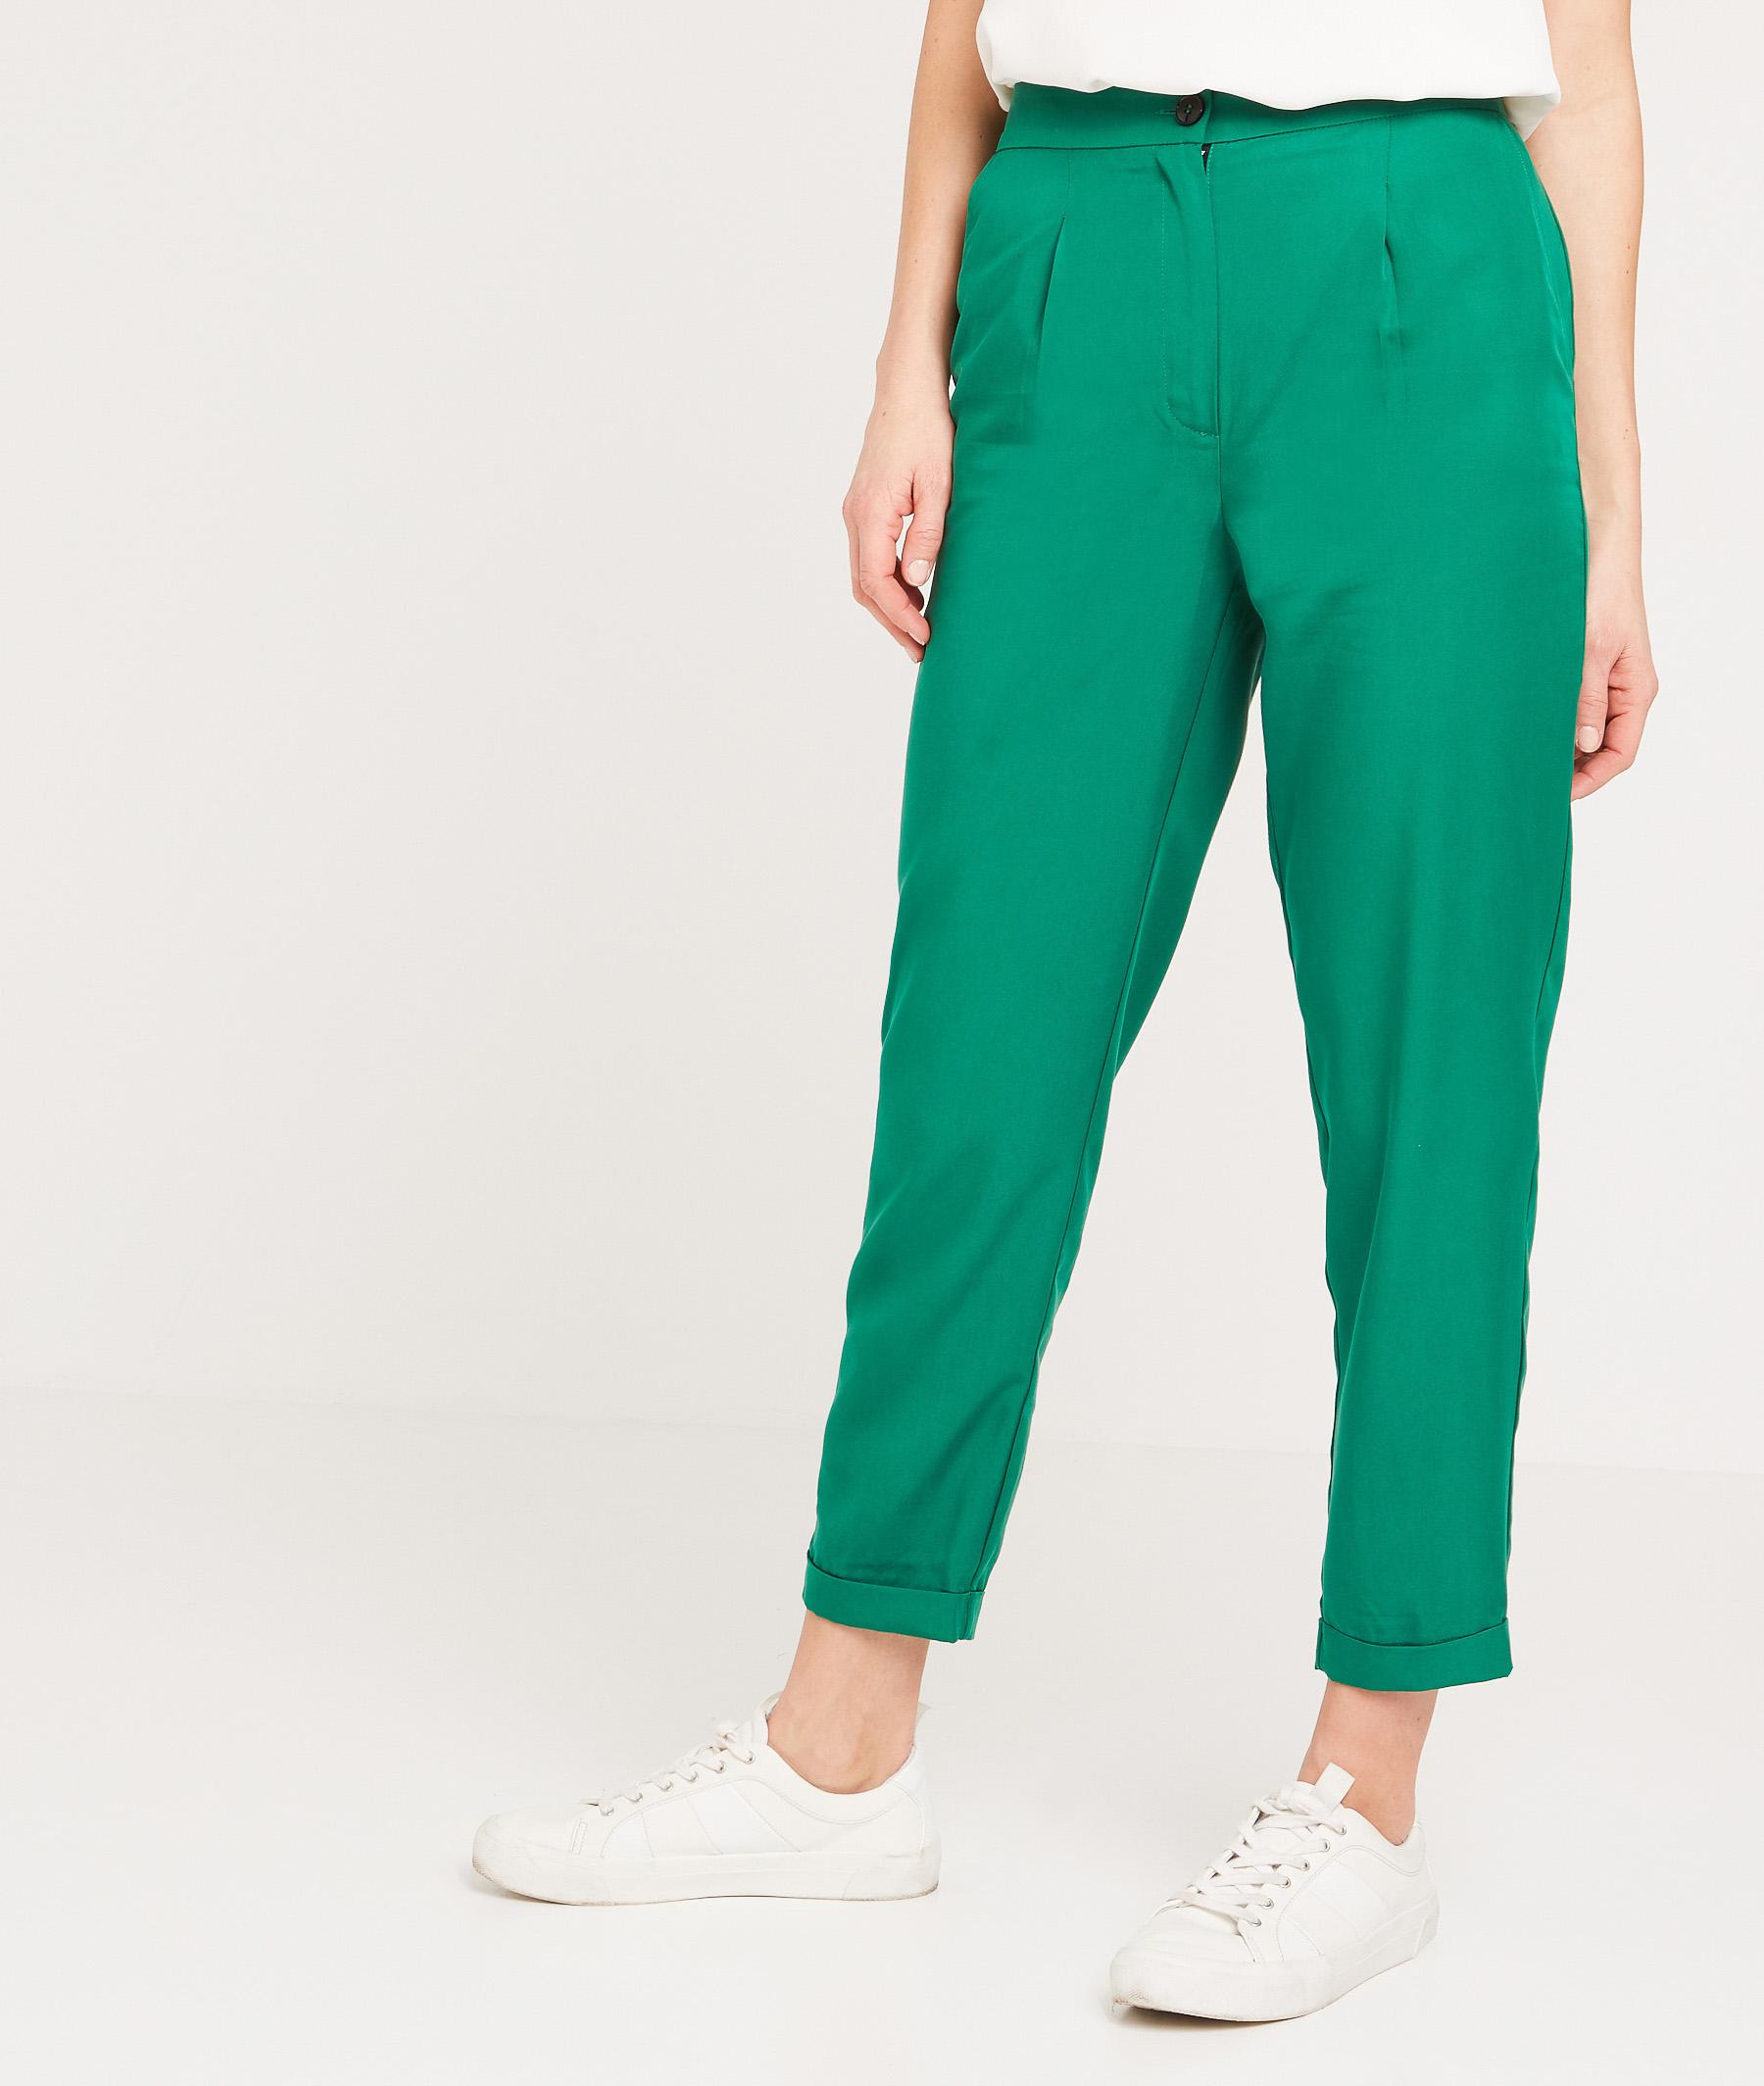 Pantalon en lyocell vert femme VERT